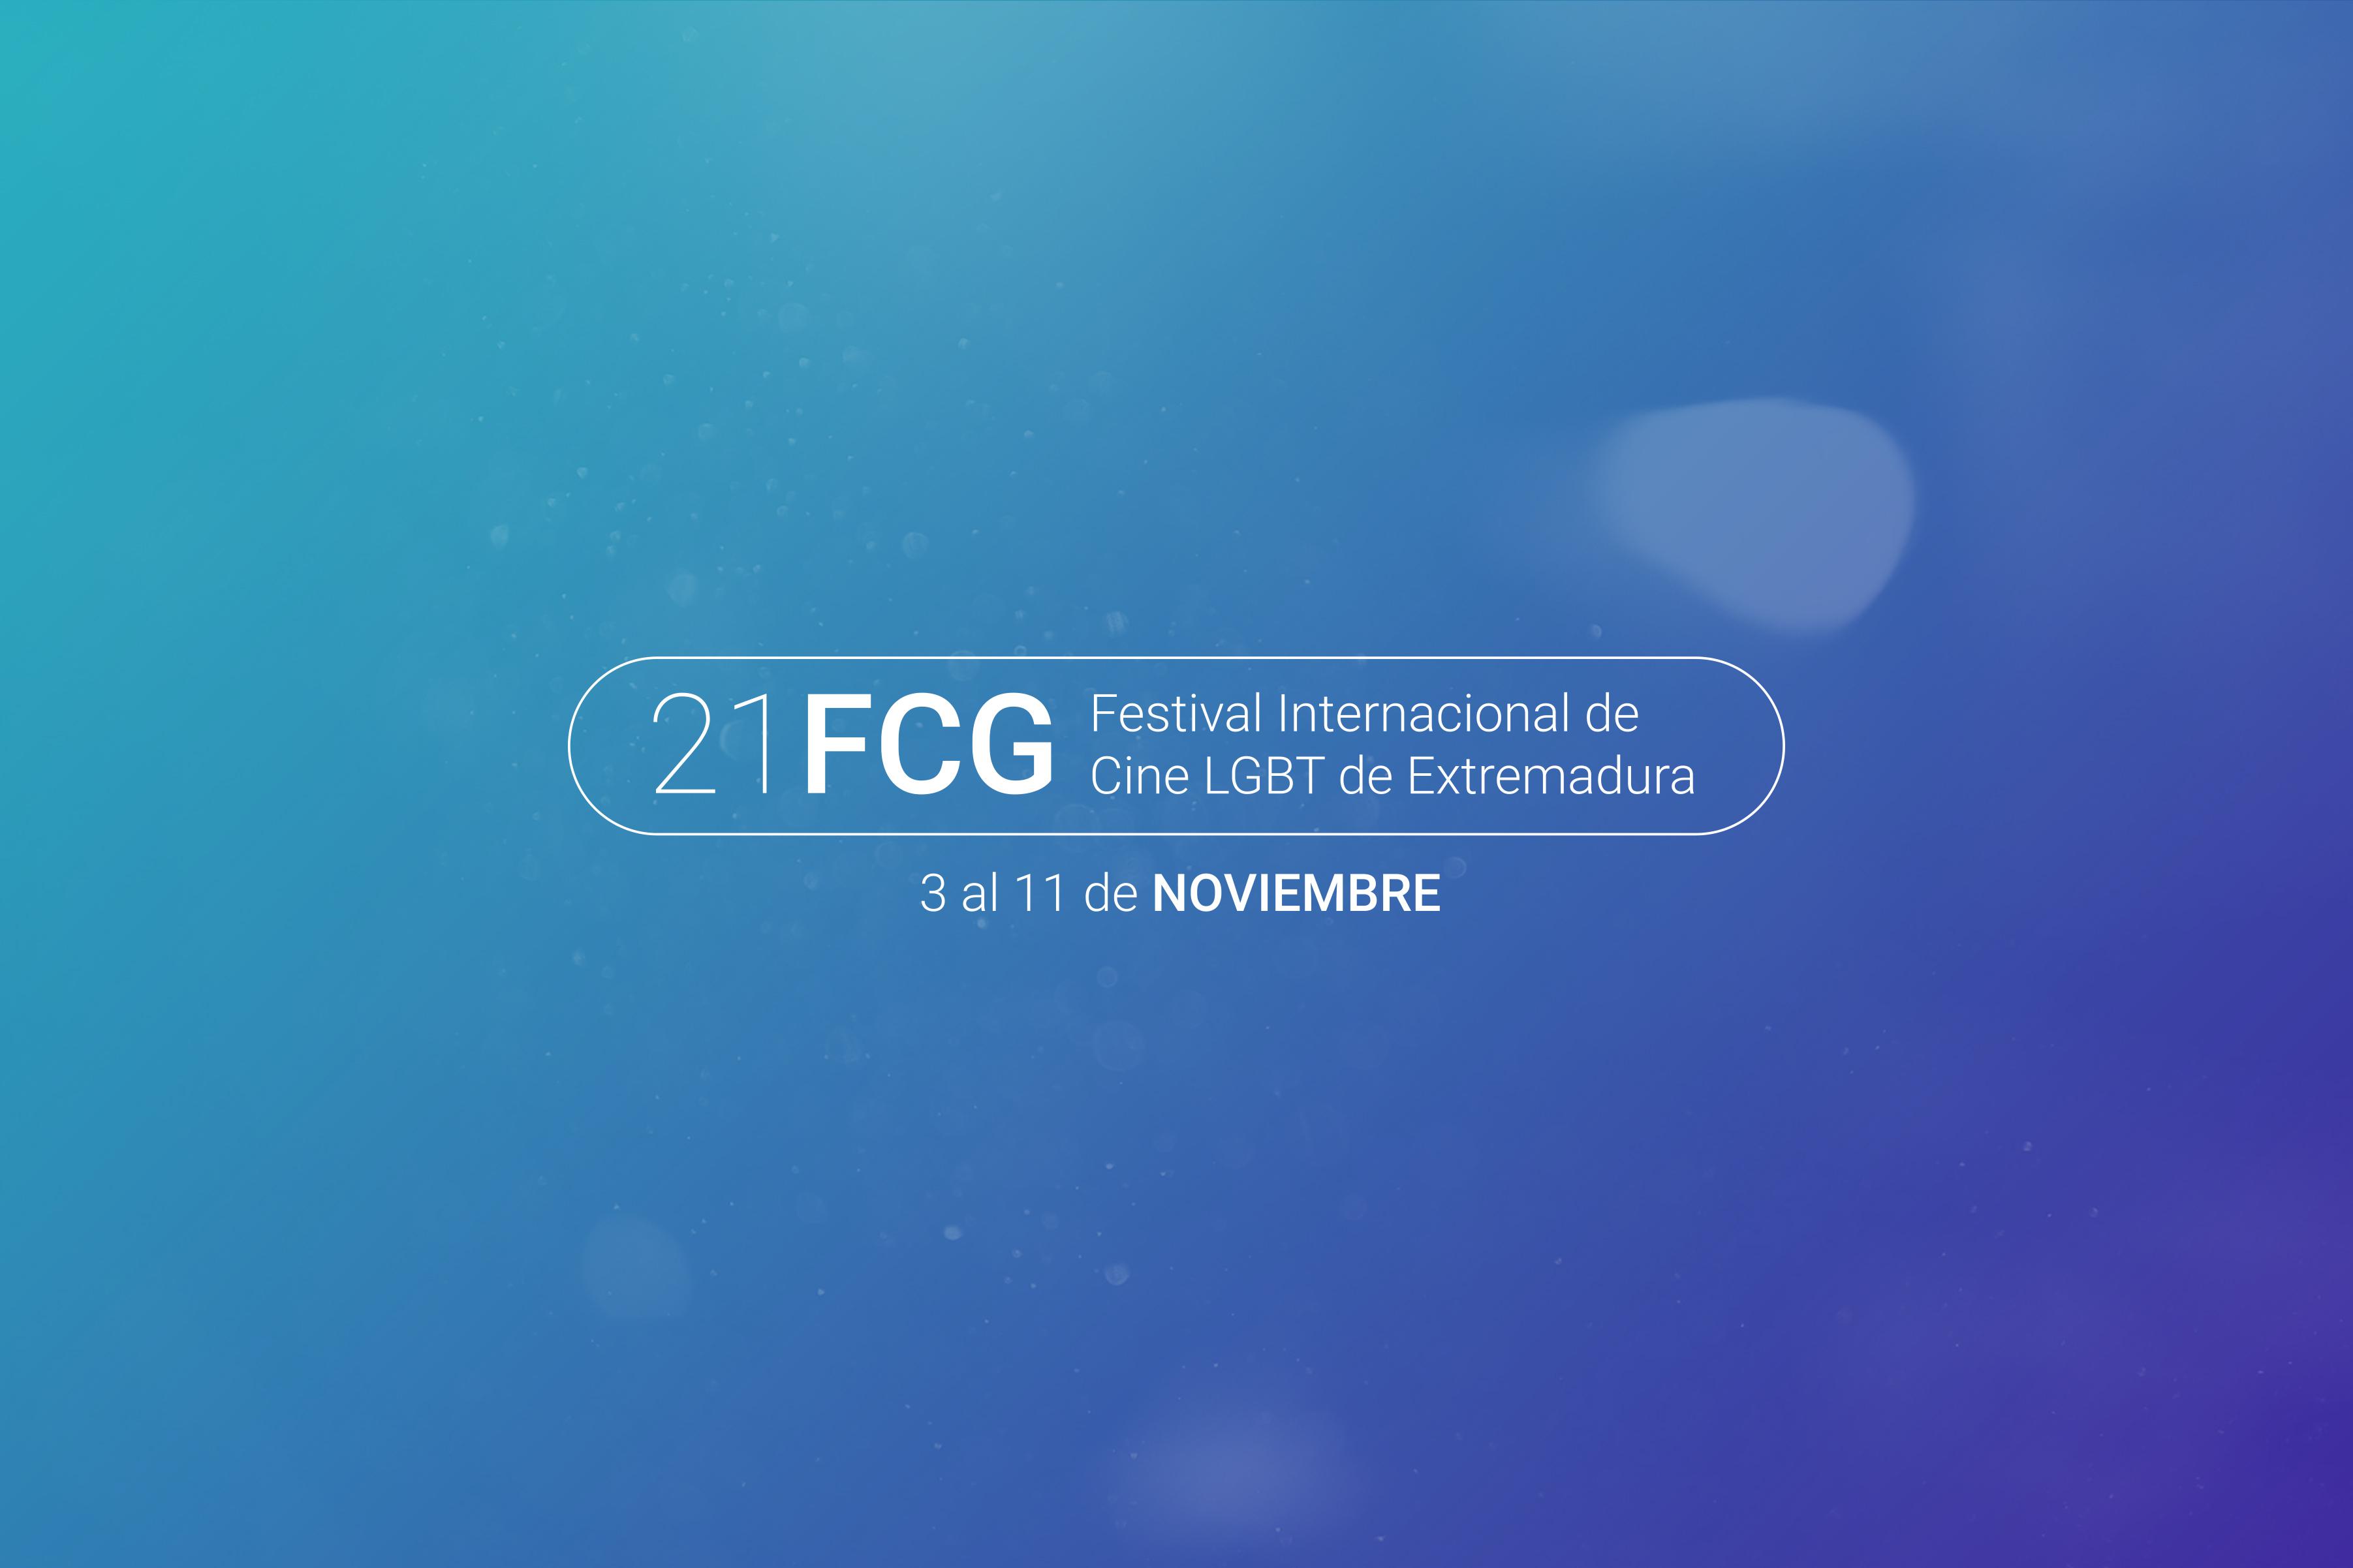 148 cortometrajes optarán al Premio de Mejor Cortometraje de la 21ª Edición